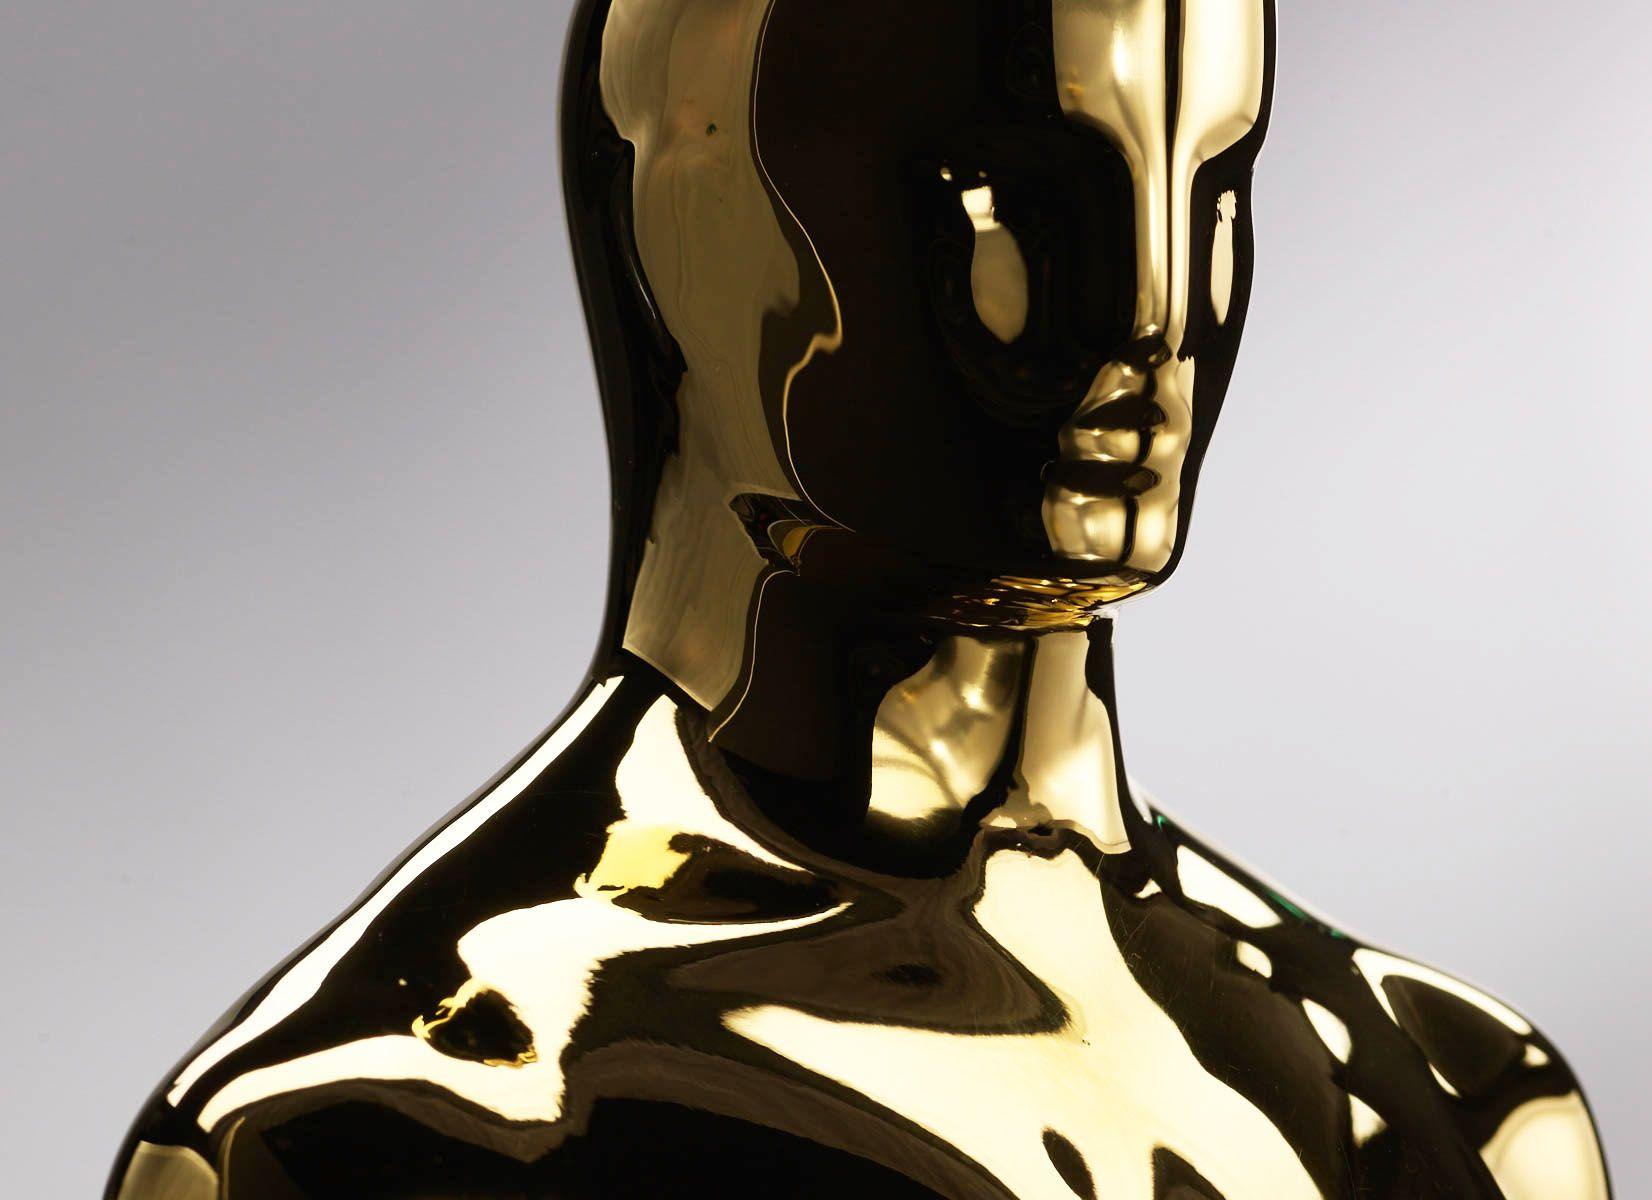 Changement d'organisation pour la 93e édition des Oscars